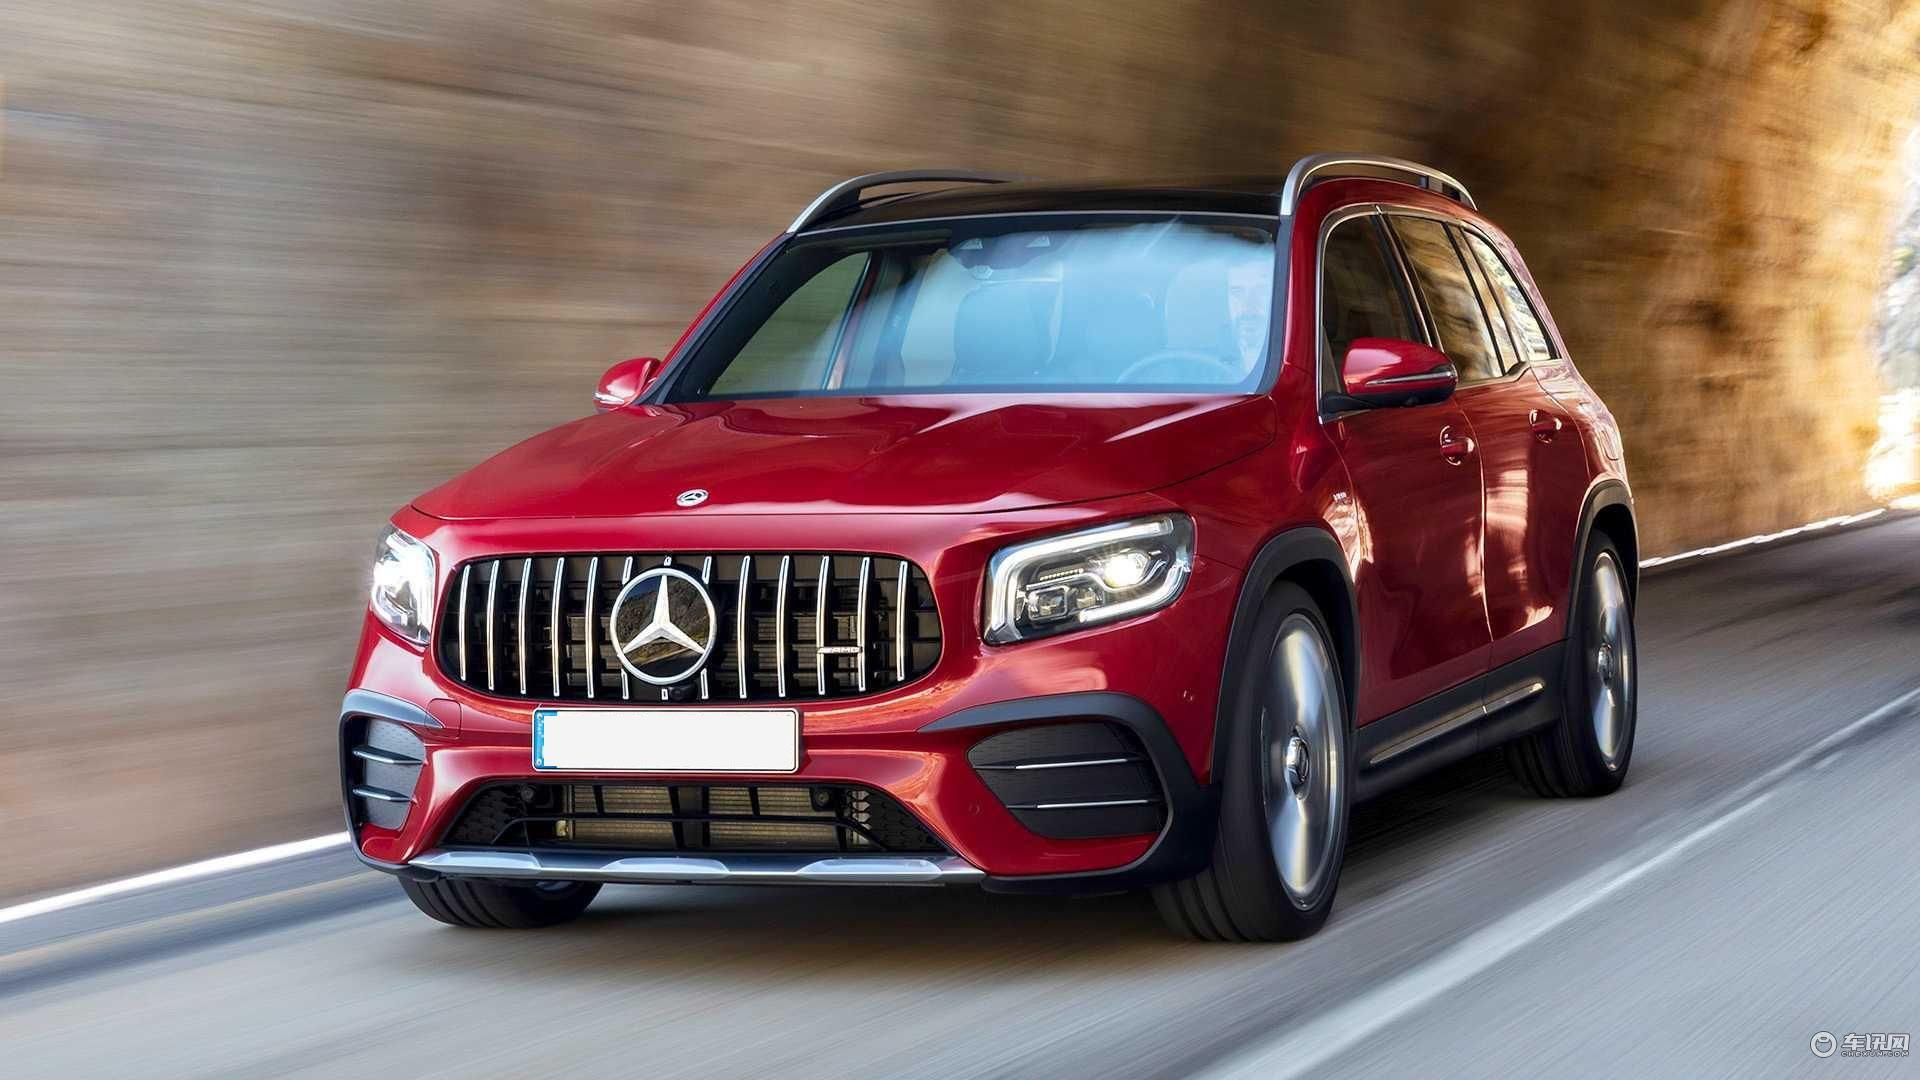 奔驰最便宜的7座AMG车型,5.2秒破百,预计2020年年初上市